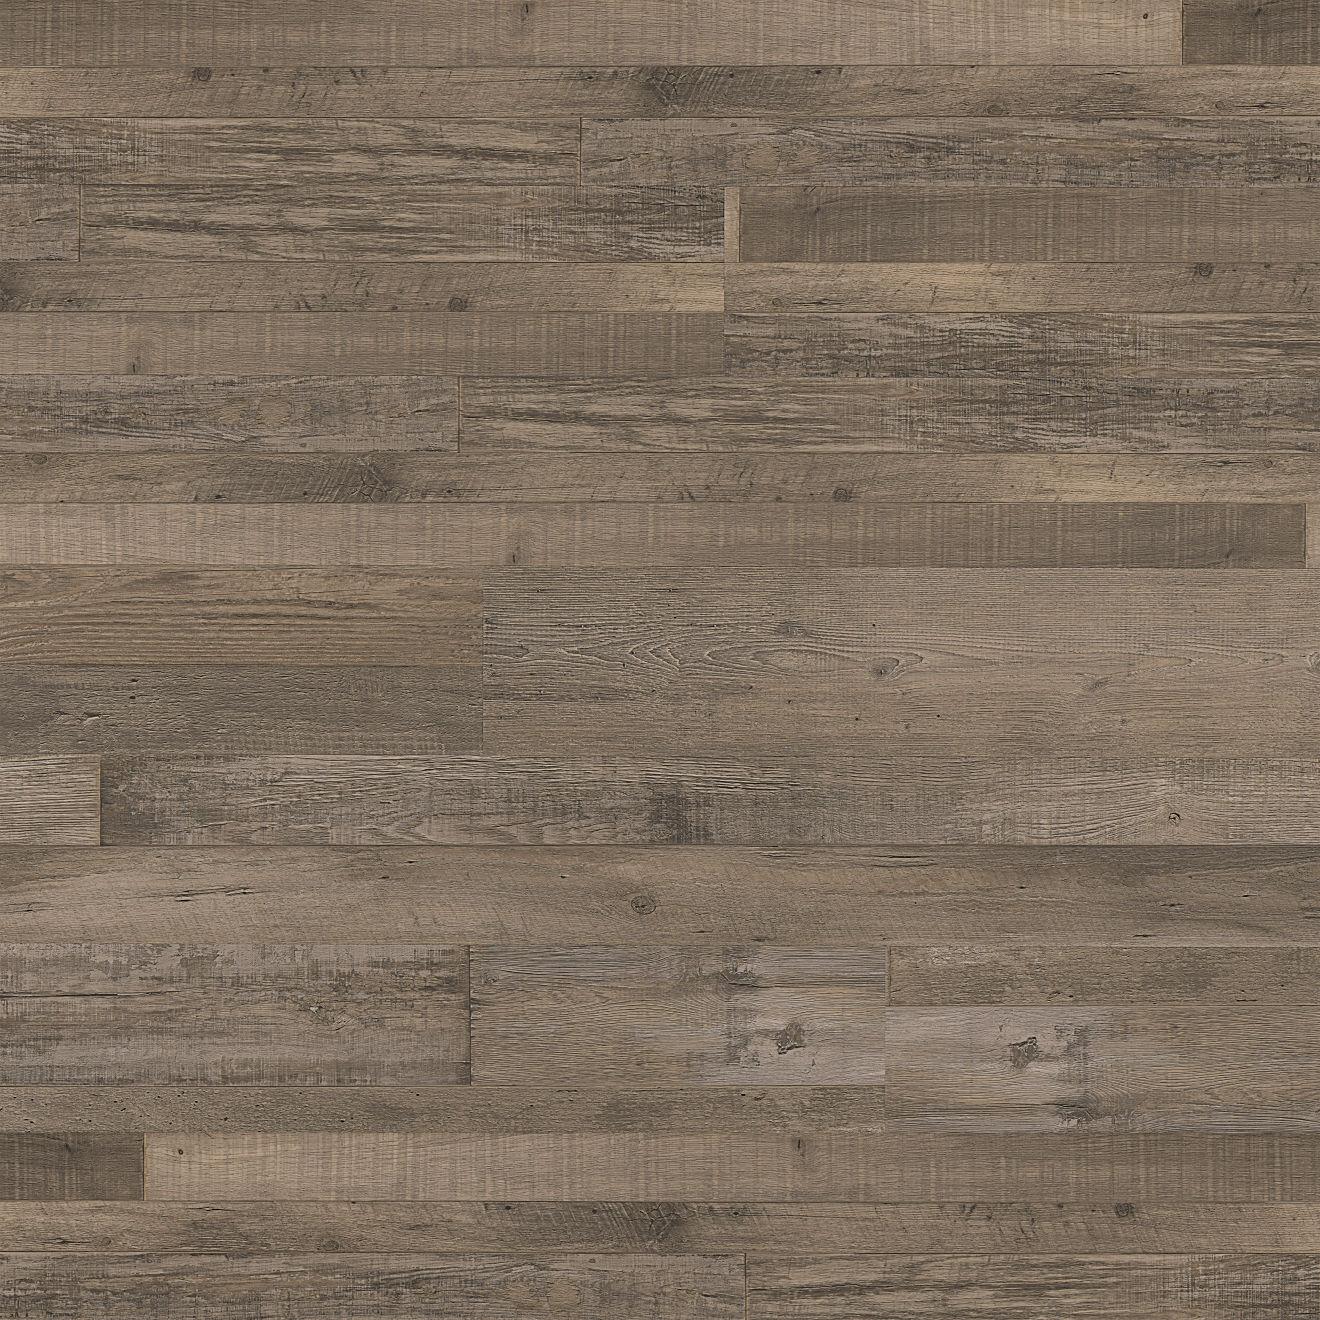 """Madera 7""""x48"""" Luxury SPC Vinyl Flooring in Brown Oak"""